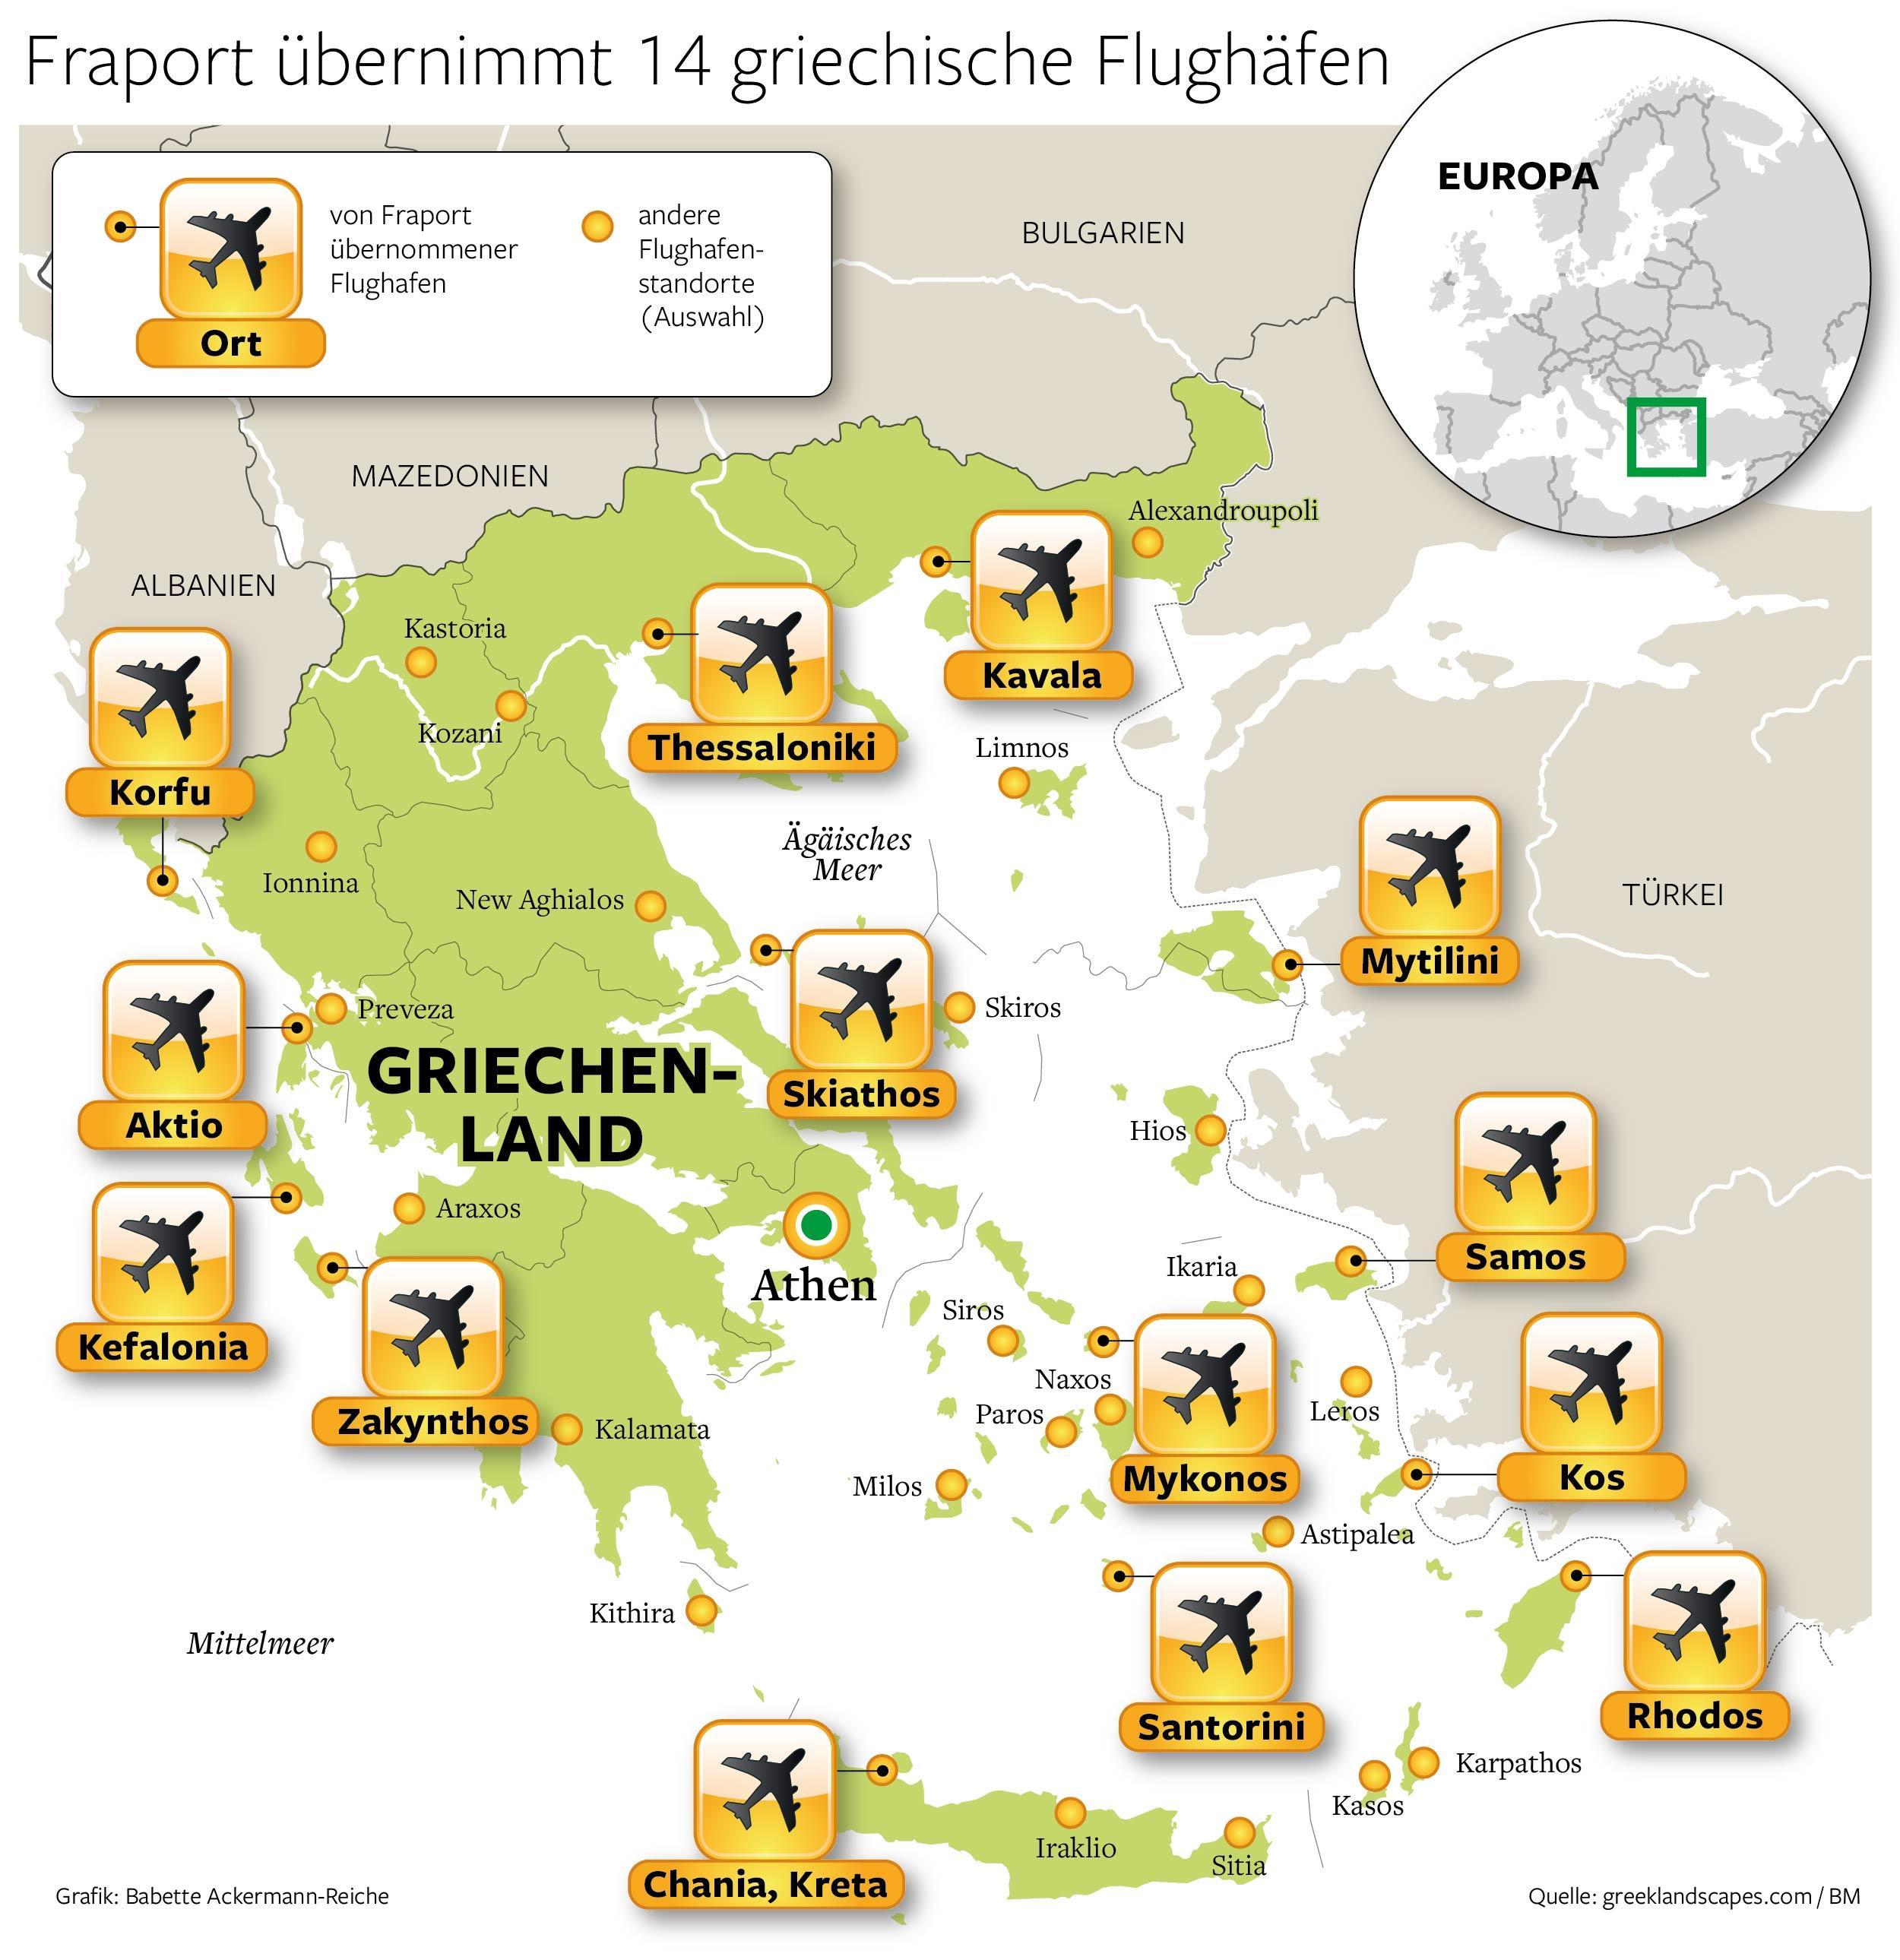 Rhodos Karte Flughafen.Griechenland Verkauft Flughäfen An Deutsche Fraport Wirtschaft